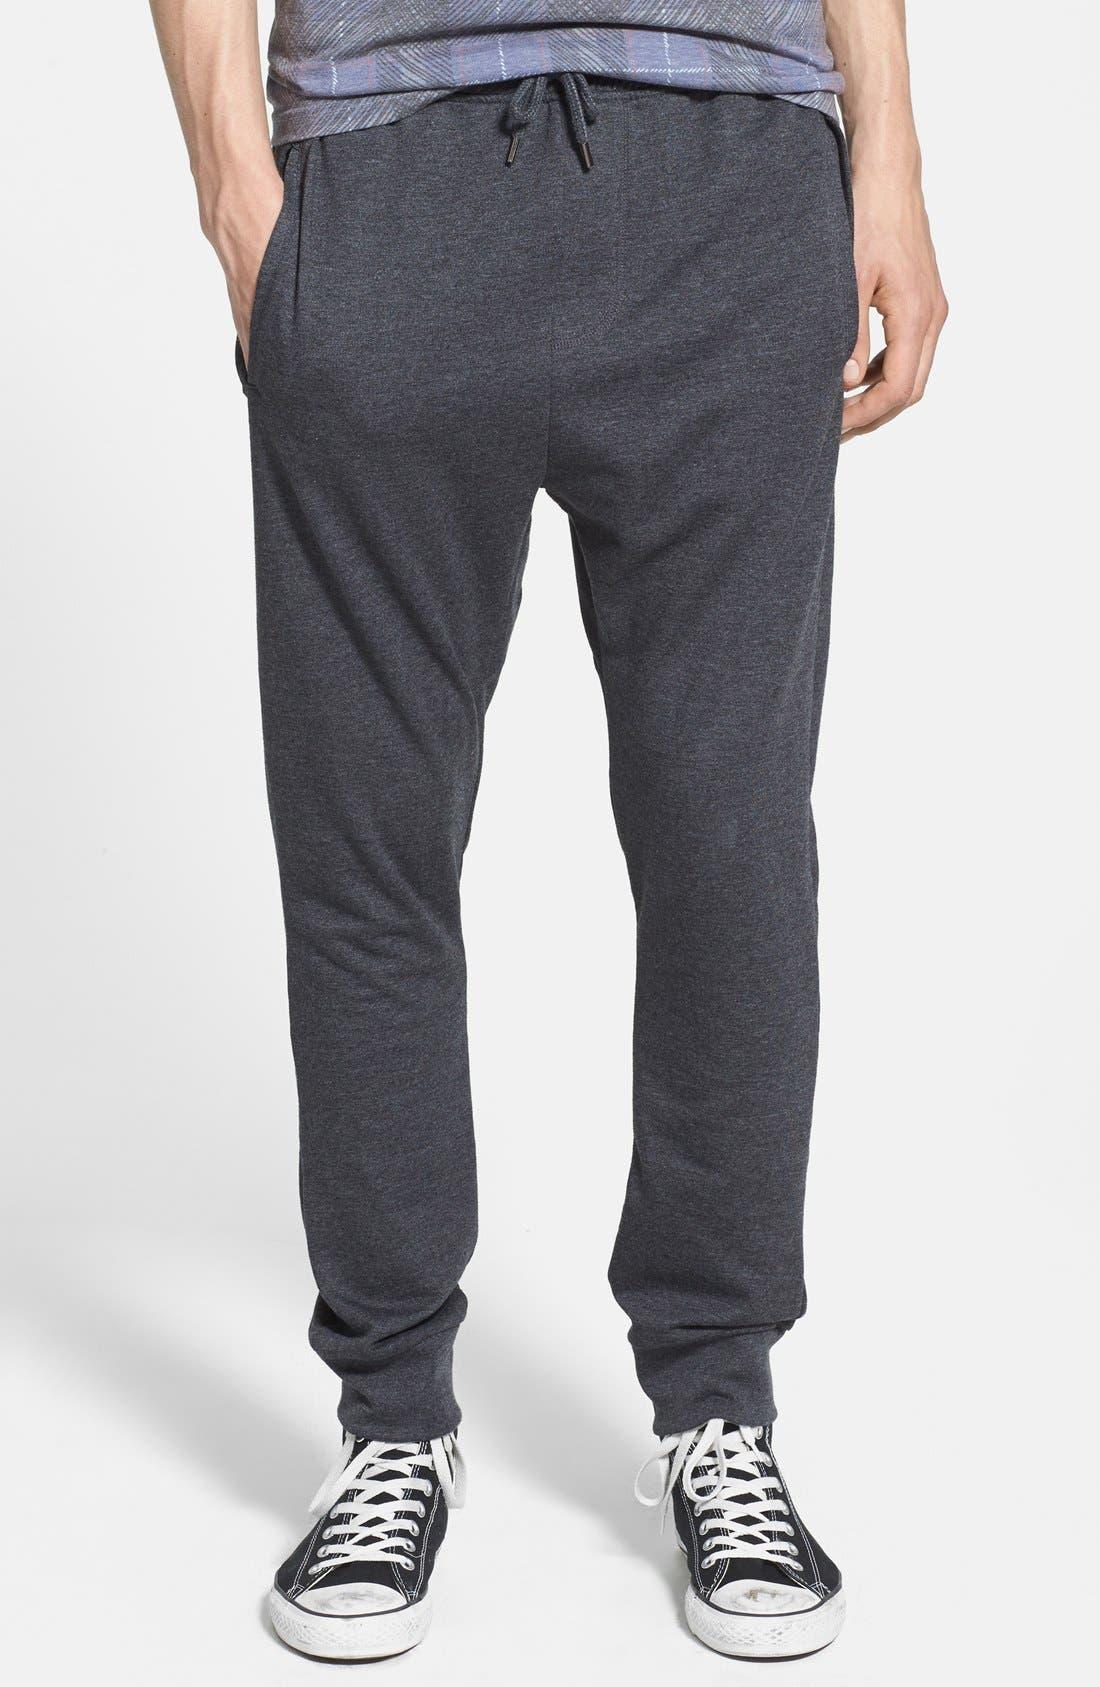 Alternate Image 1 Selected - Topman Skinny Fit Jogger Sweatpants